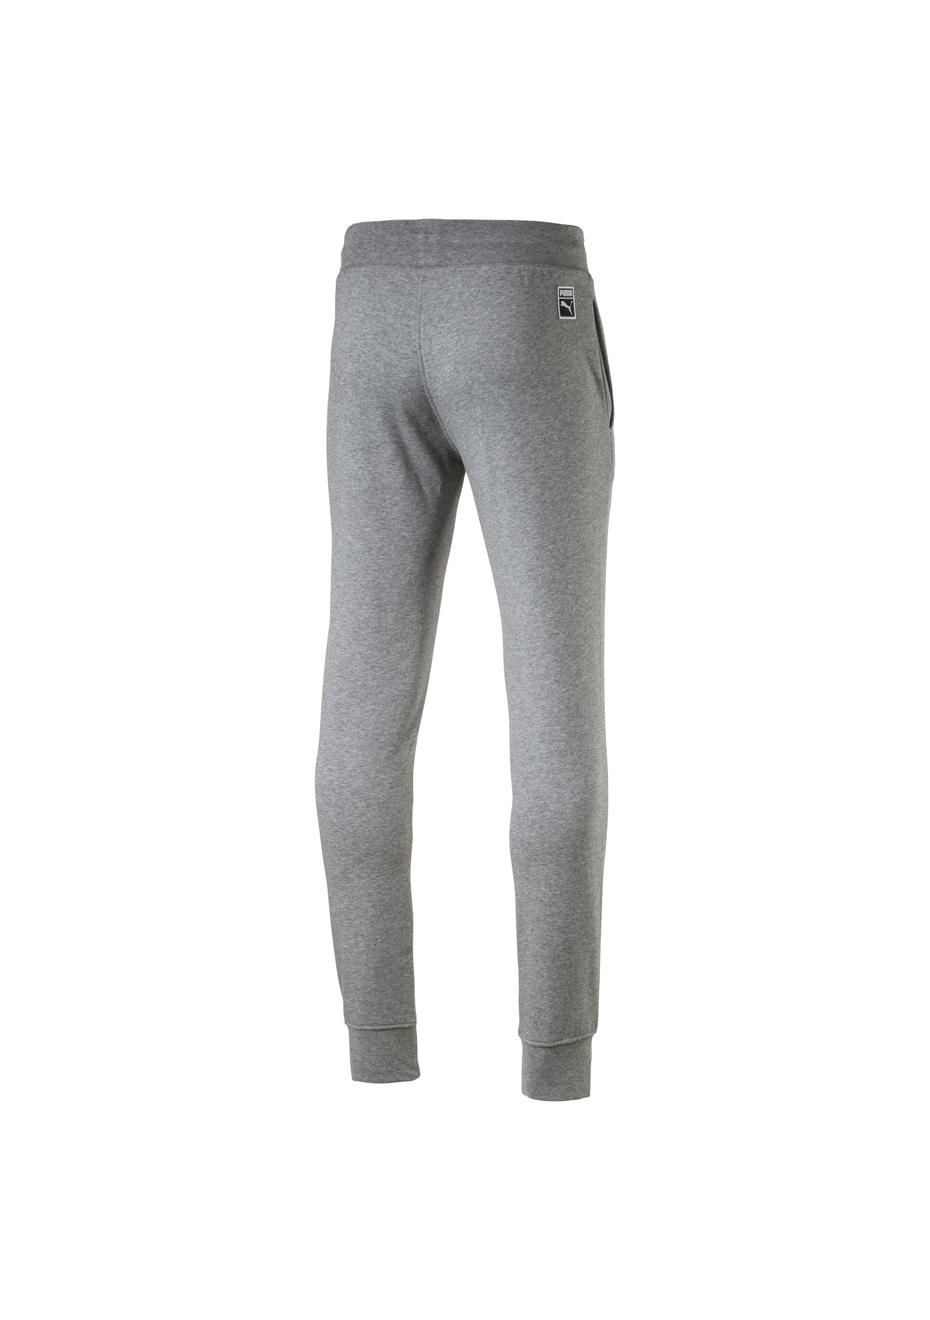 Puma Compression Shorts Men's Medium Activewear Bottoms